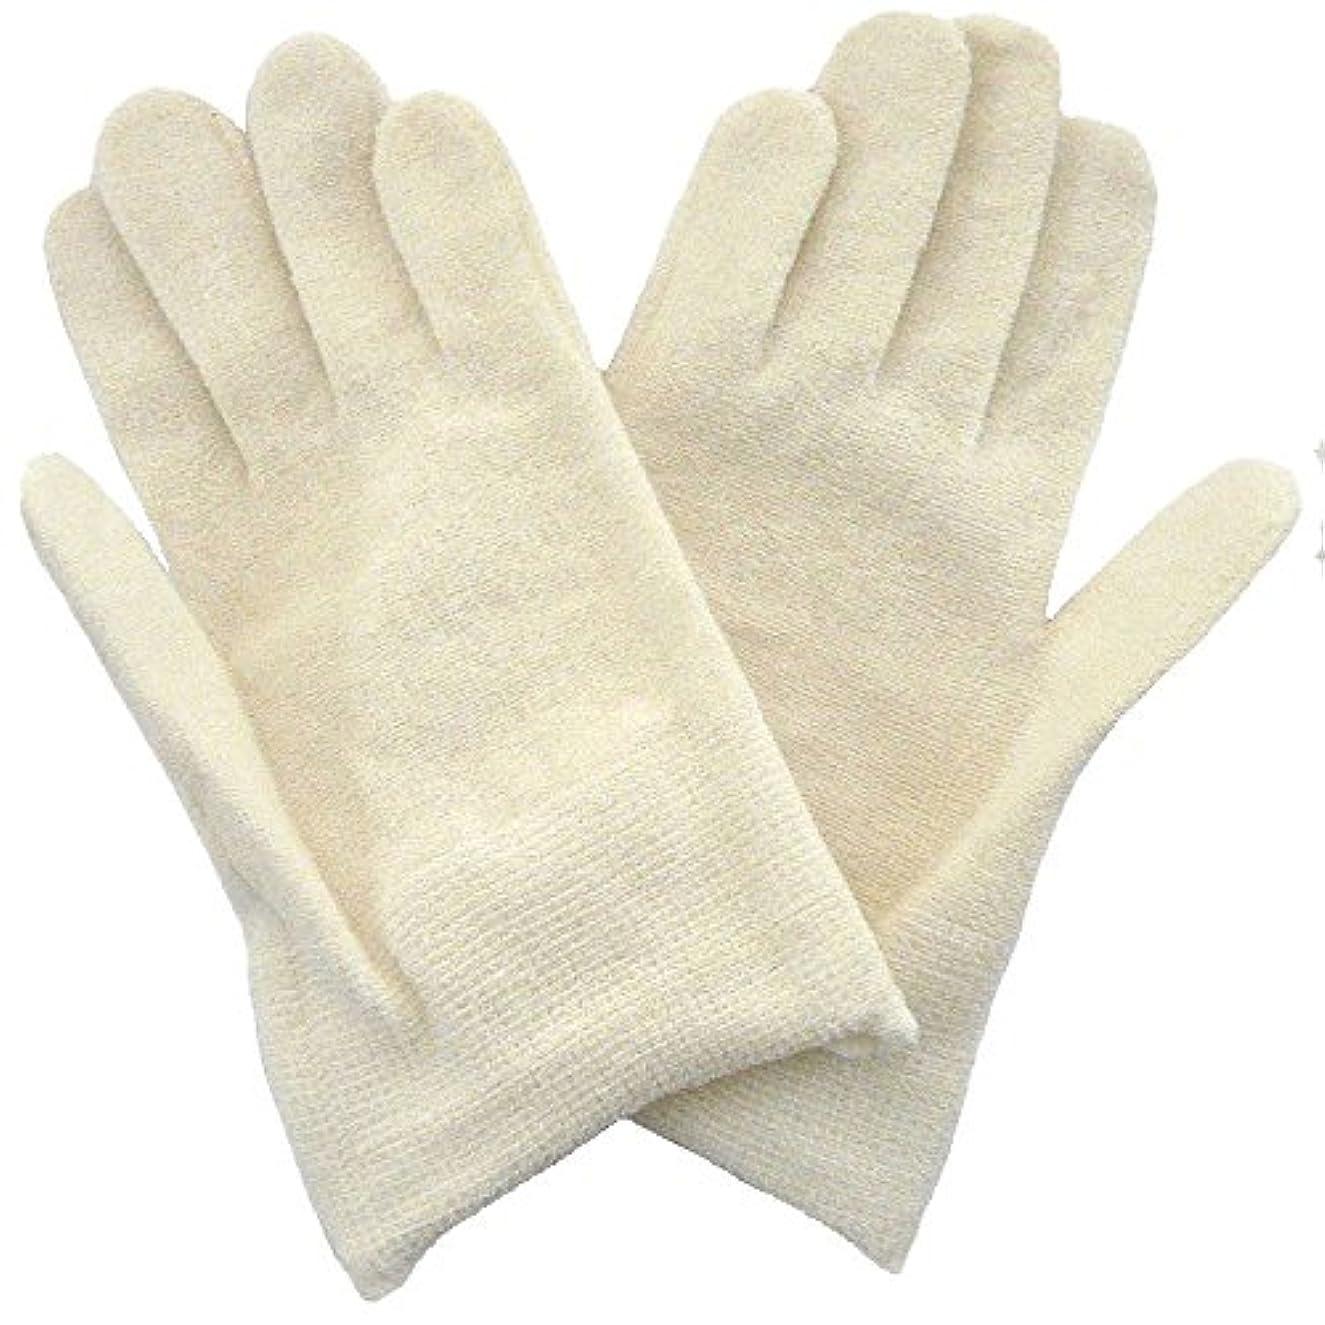 【アトピー】【水疱瘡】【皮膚炎】 ナノミックス おやすみ手袋:キッズ用 アイボリー